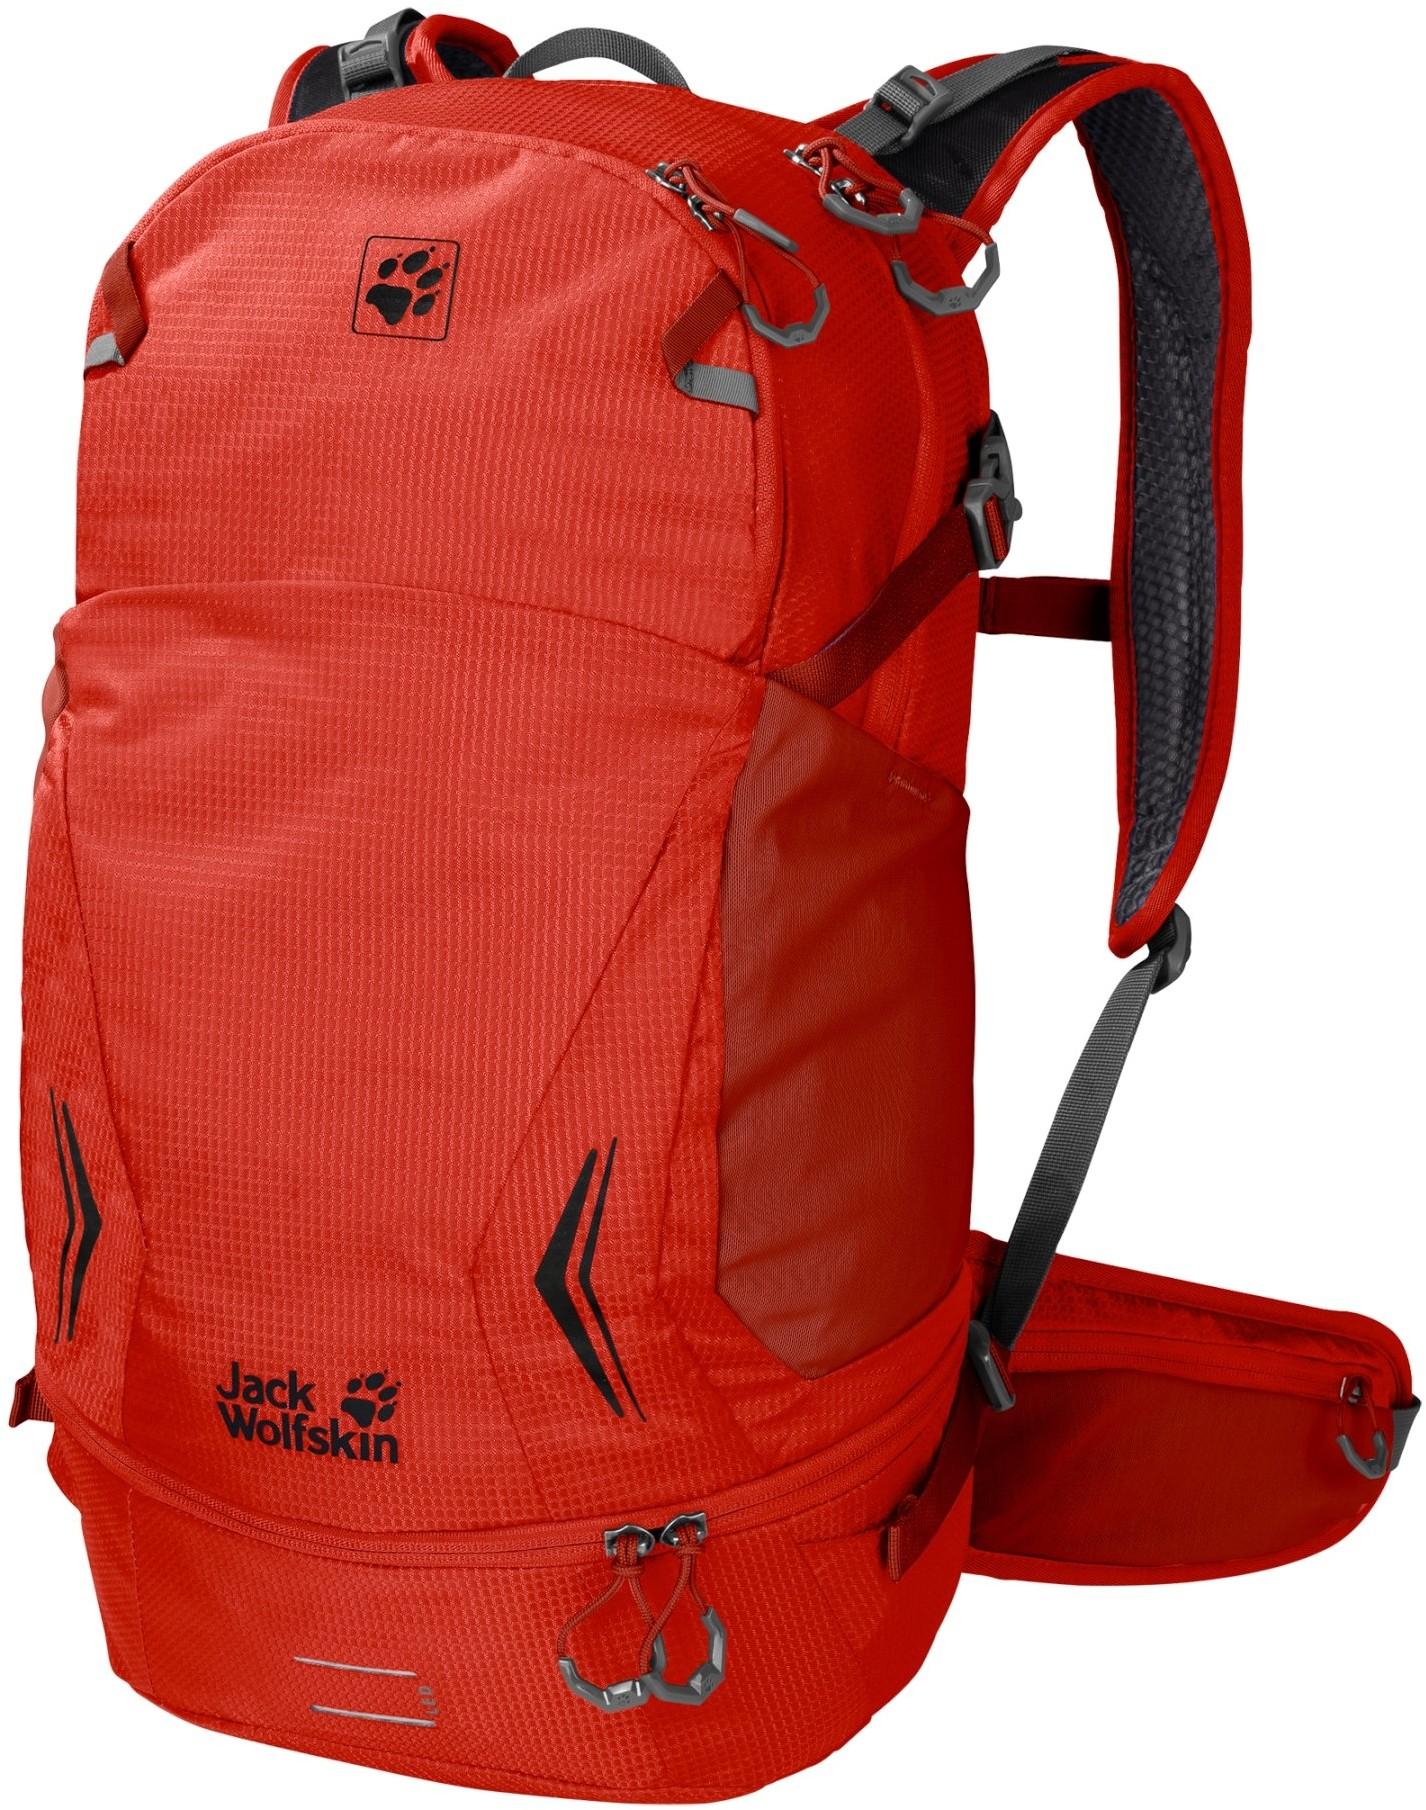 Jack Wolfskin Plecak sportowy MOAB JAM 30 lava red apm_2008521-2066